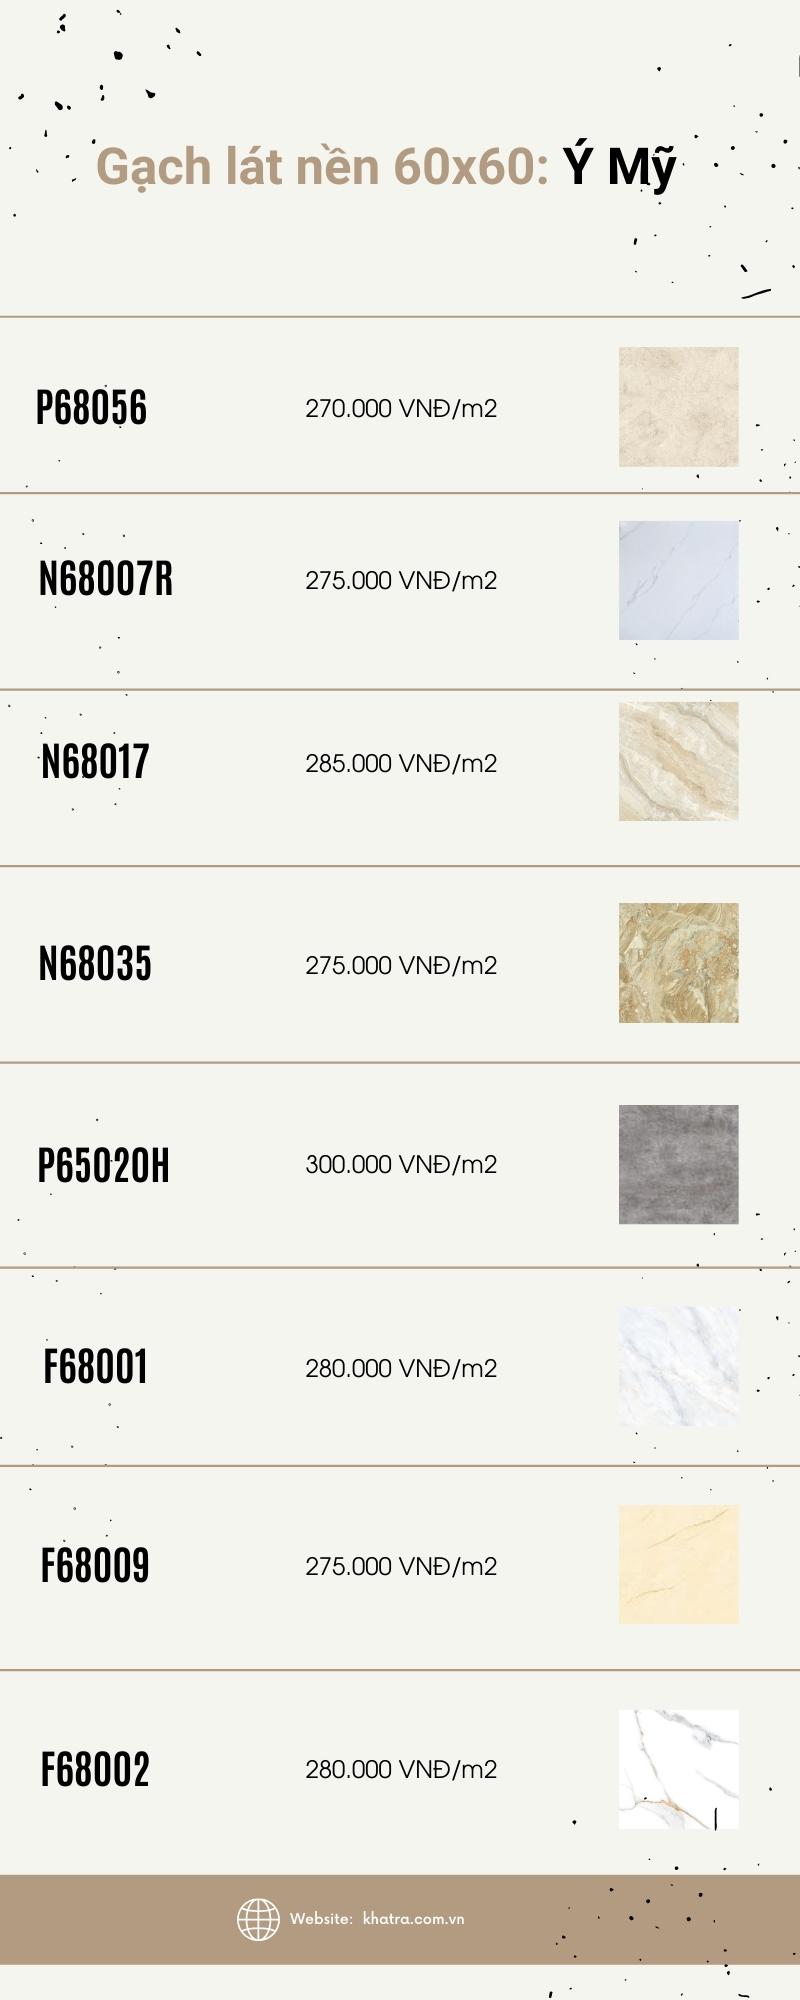 Giá gạch lát nền 60x60 Ý Mỹ